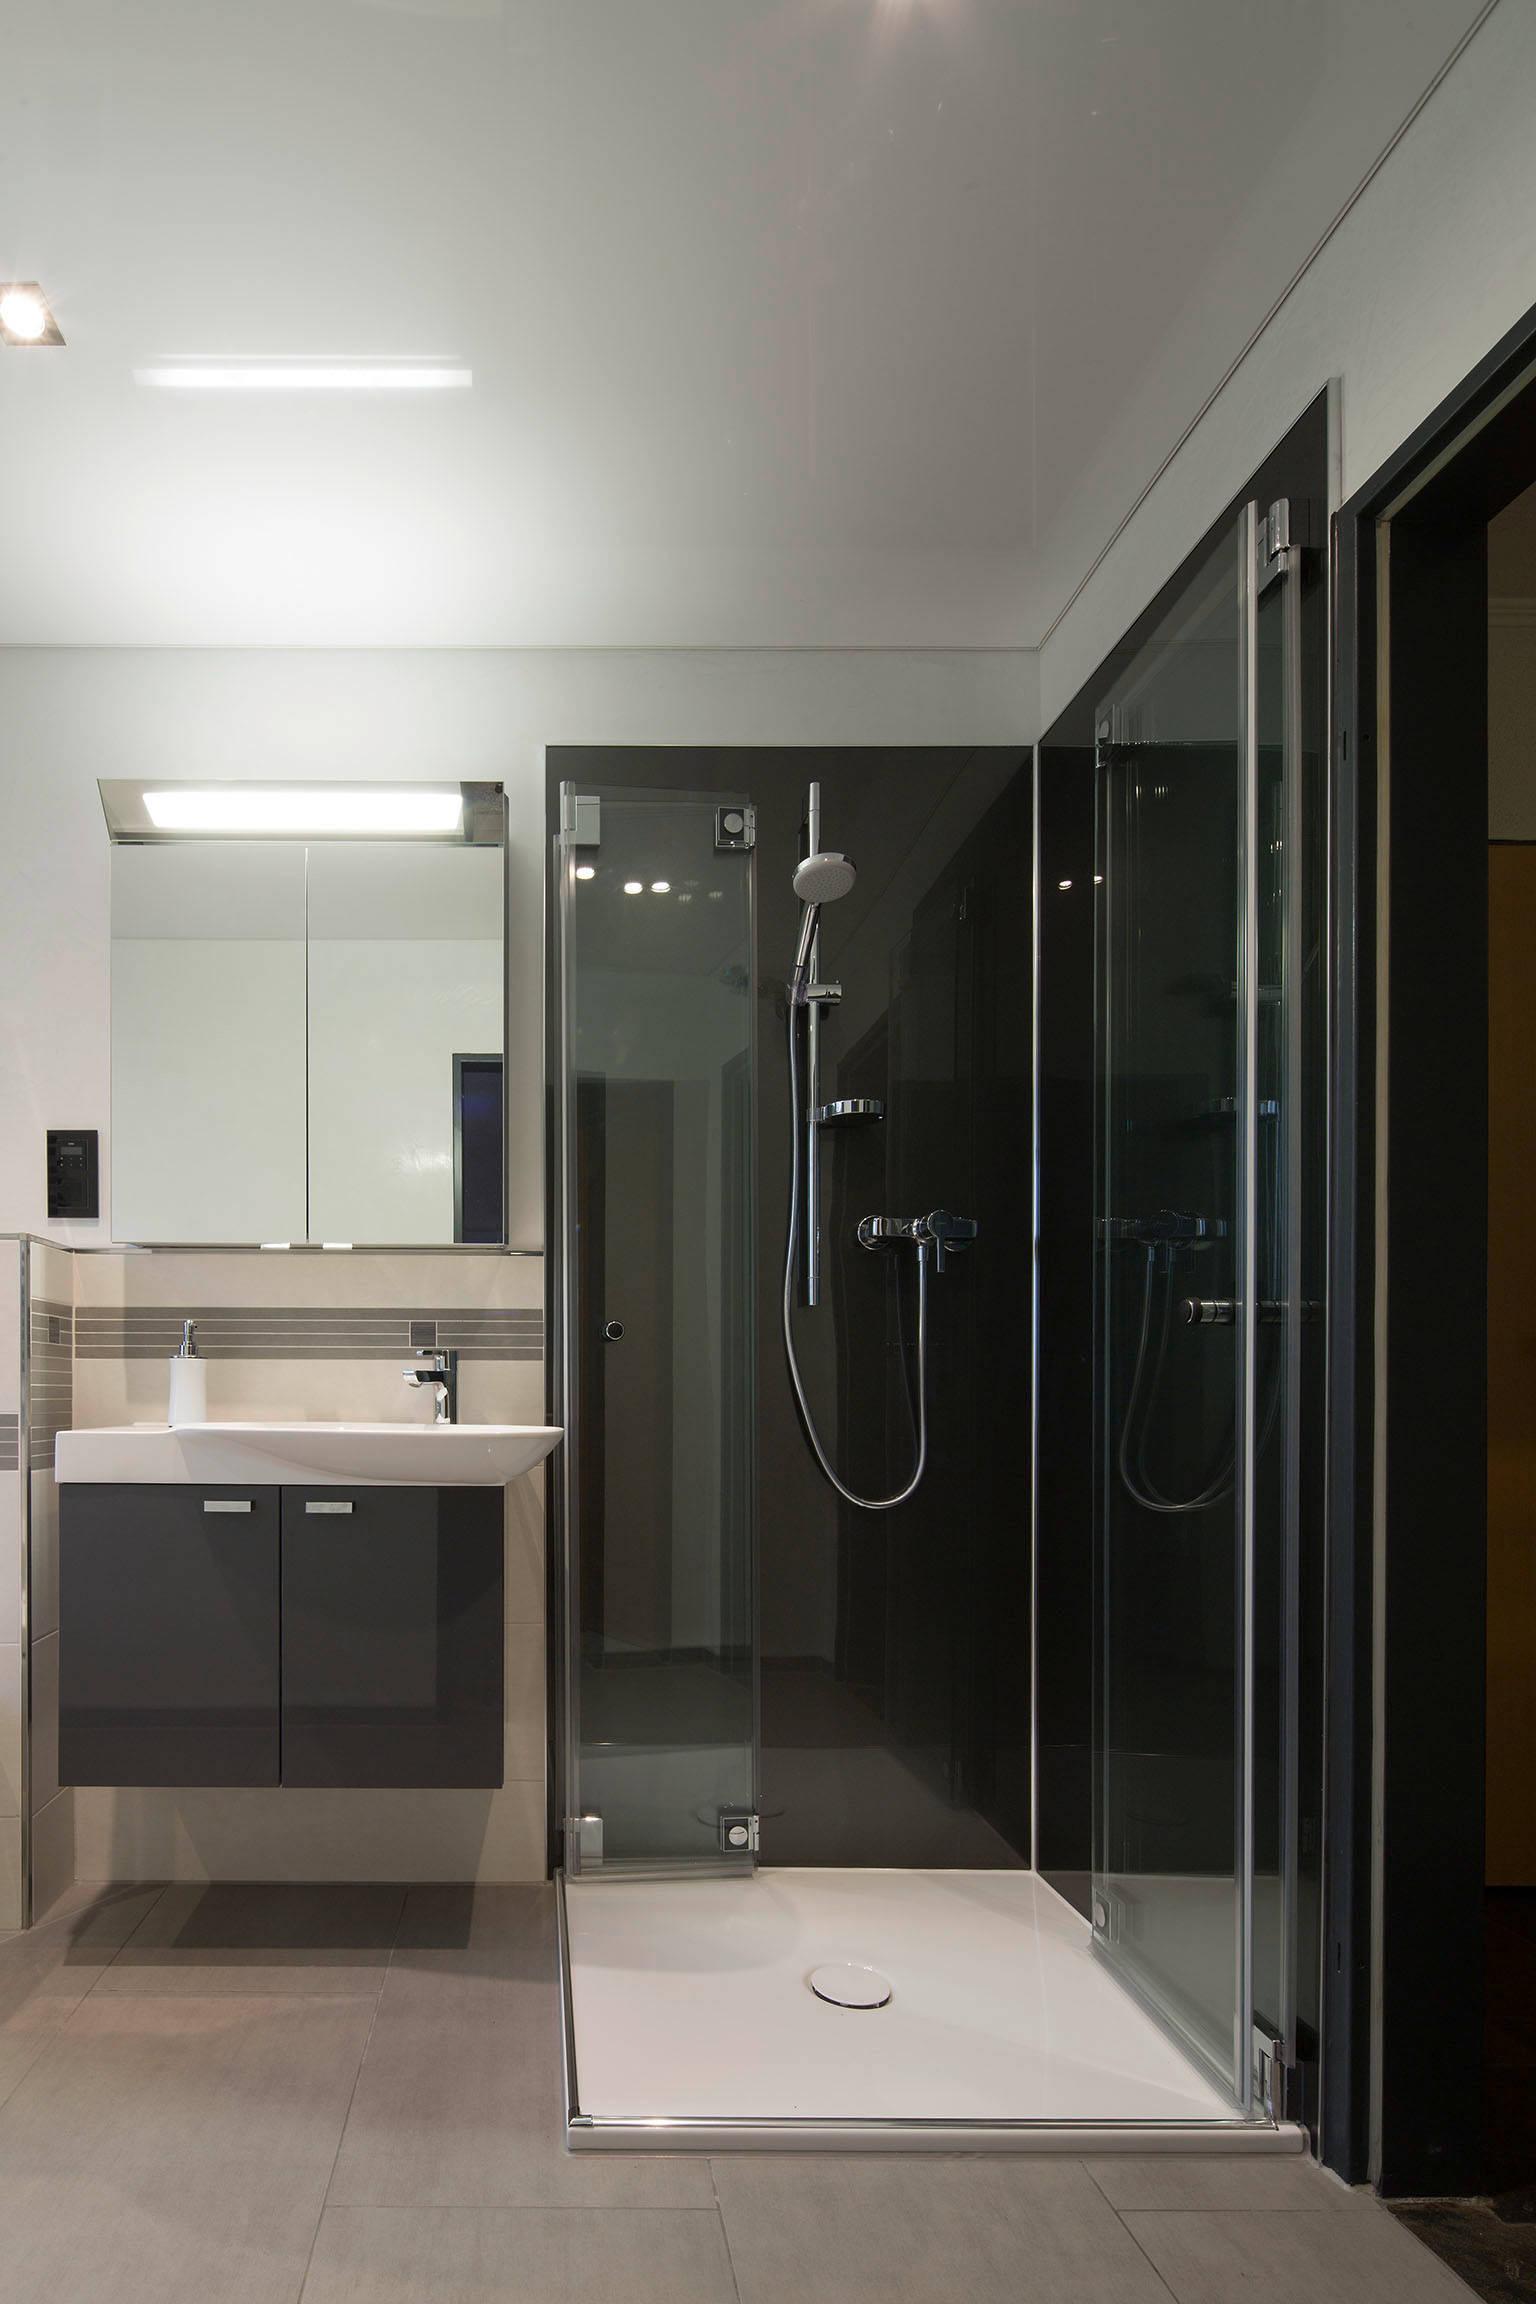 Kleines Bad renovieren   20 Vorher Nachher Beispiele zur Badrenovierung